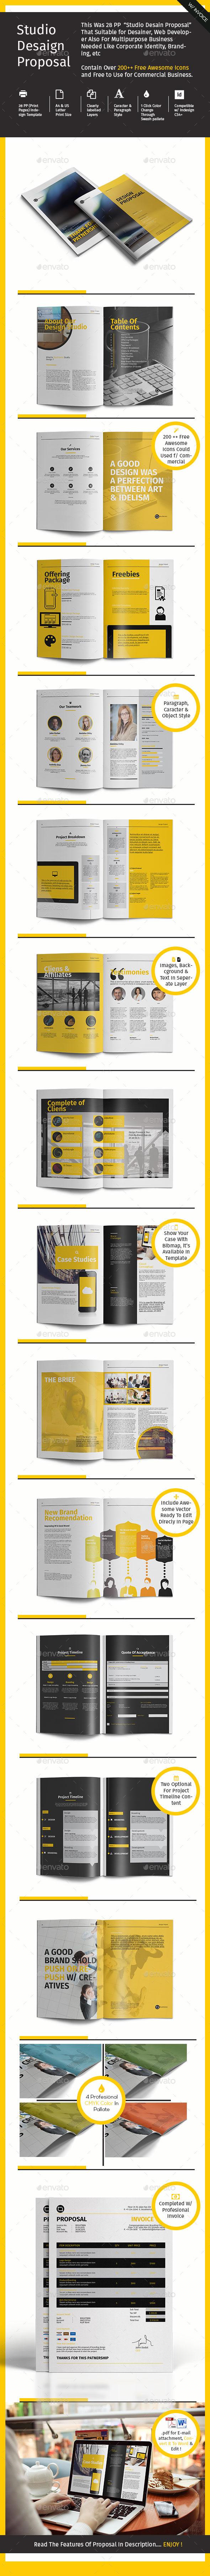 GraphicRiver Studio Design Proposal 9522921